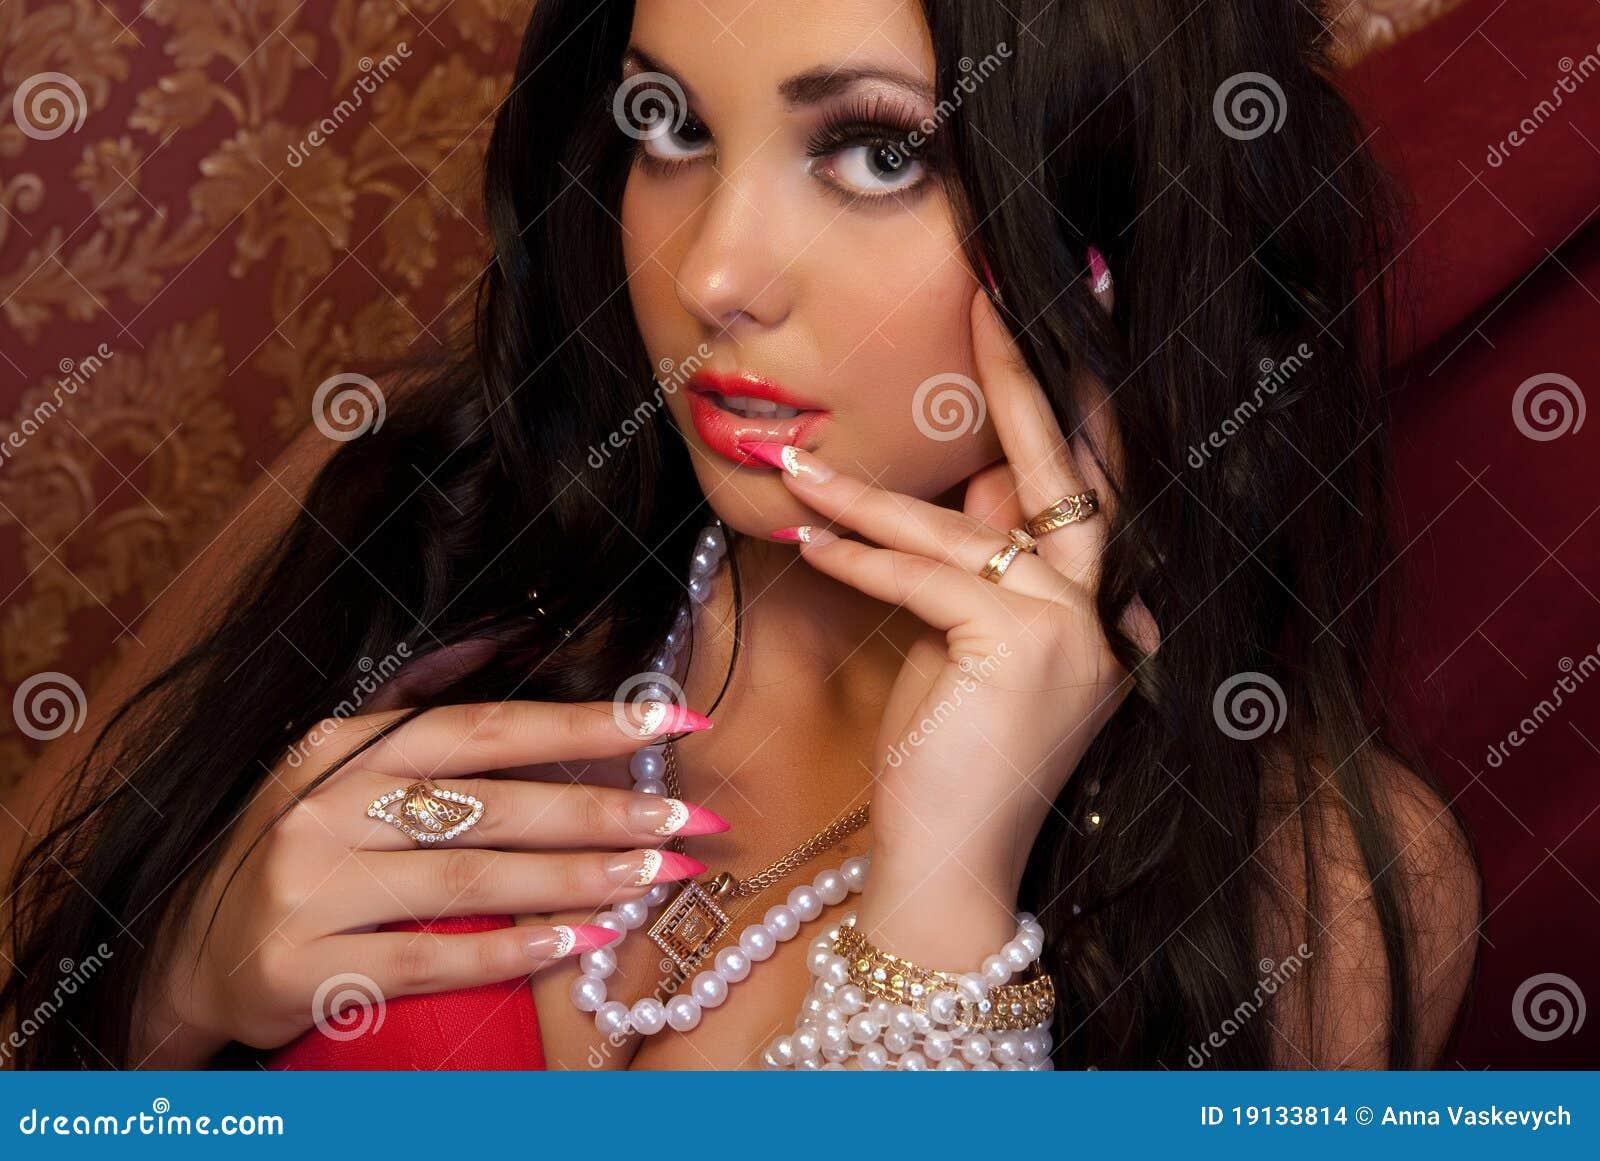 Фото девушек с очень длинными красивыми ногтями